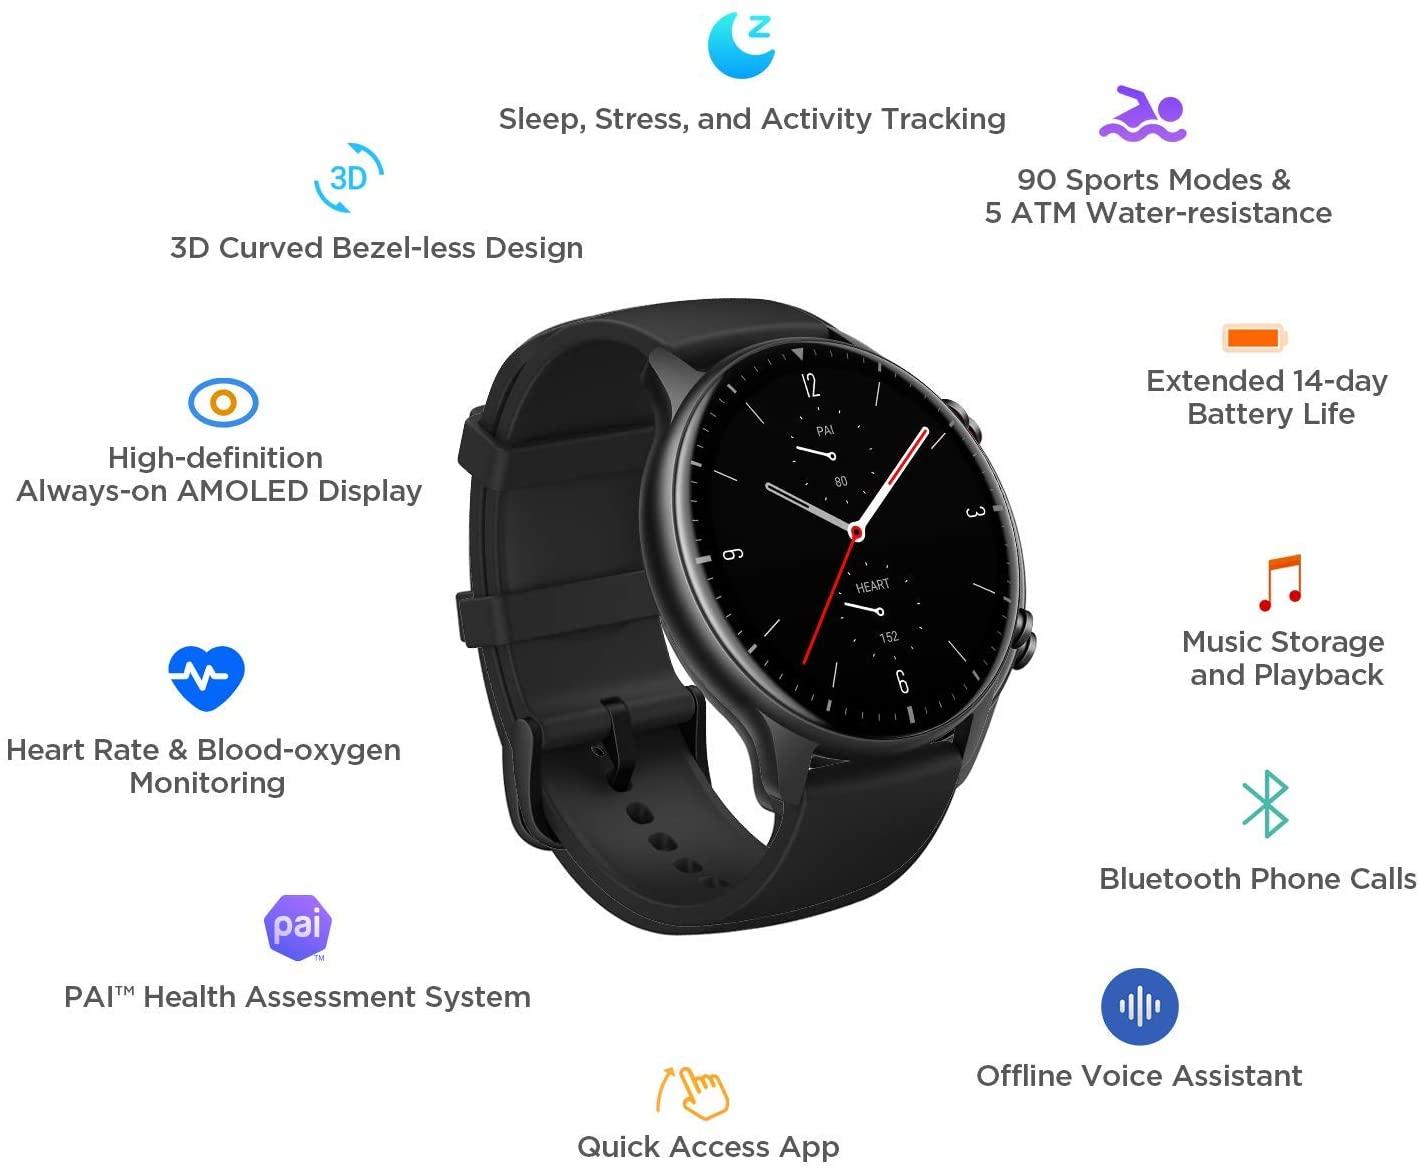 Amazfit GTR 2 Smartwatch, Alexa Built-In, GPS, Heart Rate 7